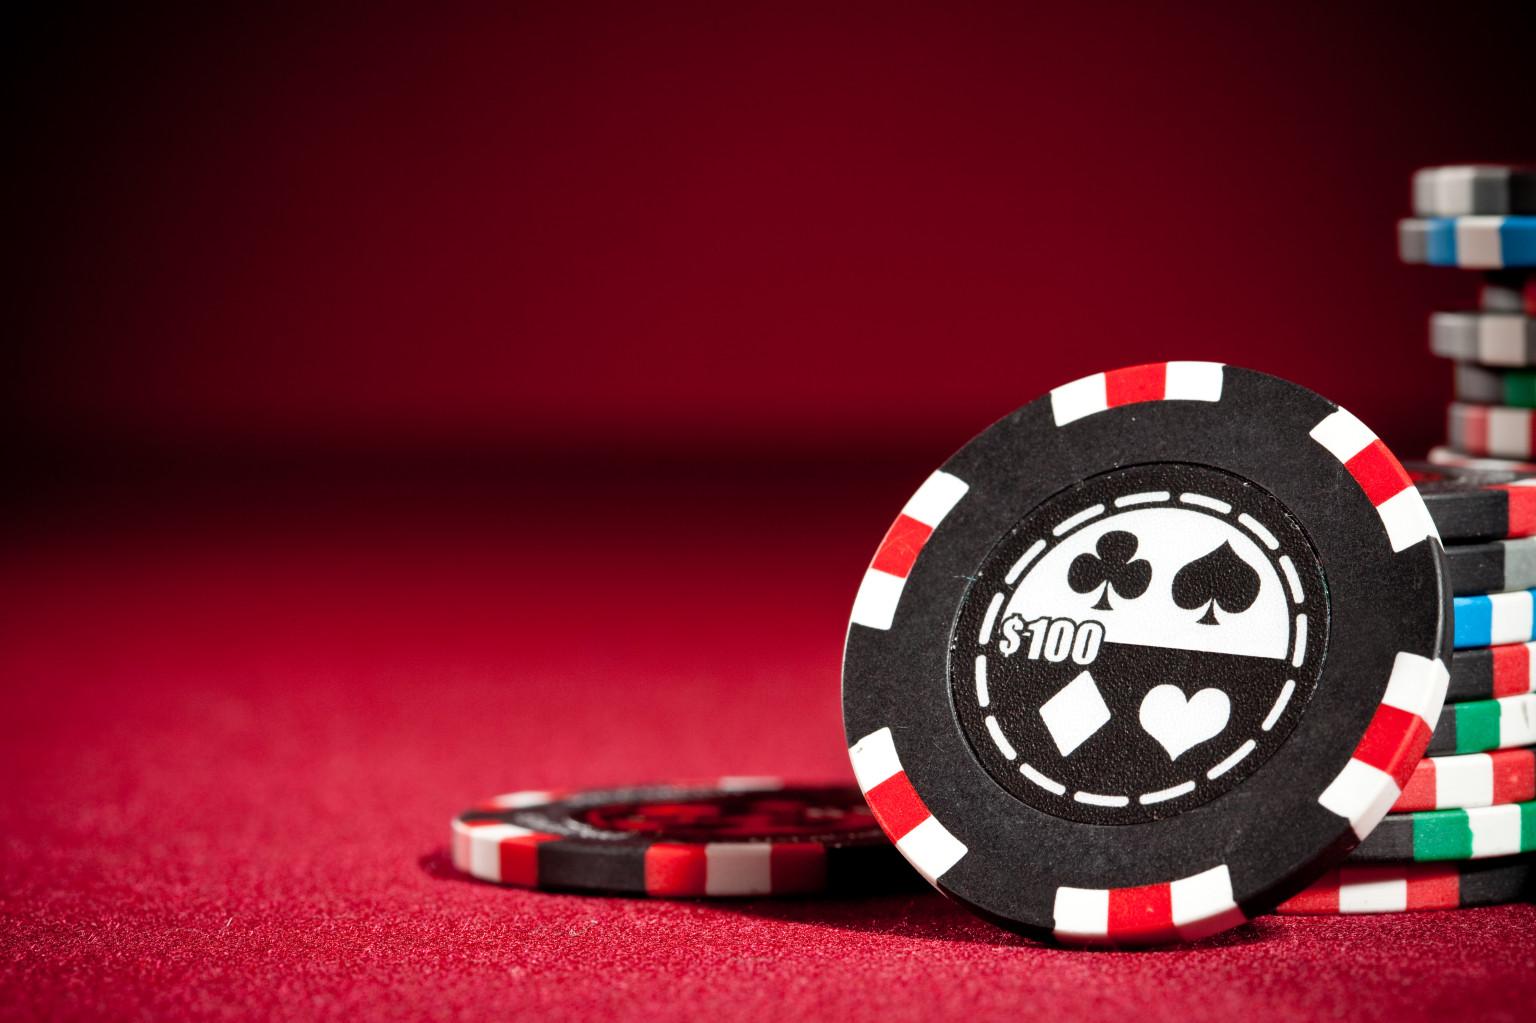 Casino français en ligne : Comment ne pas payer d'inscription ?